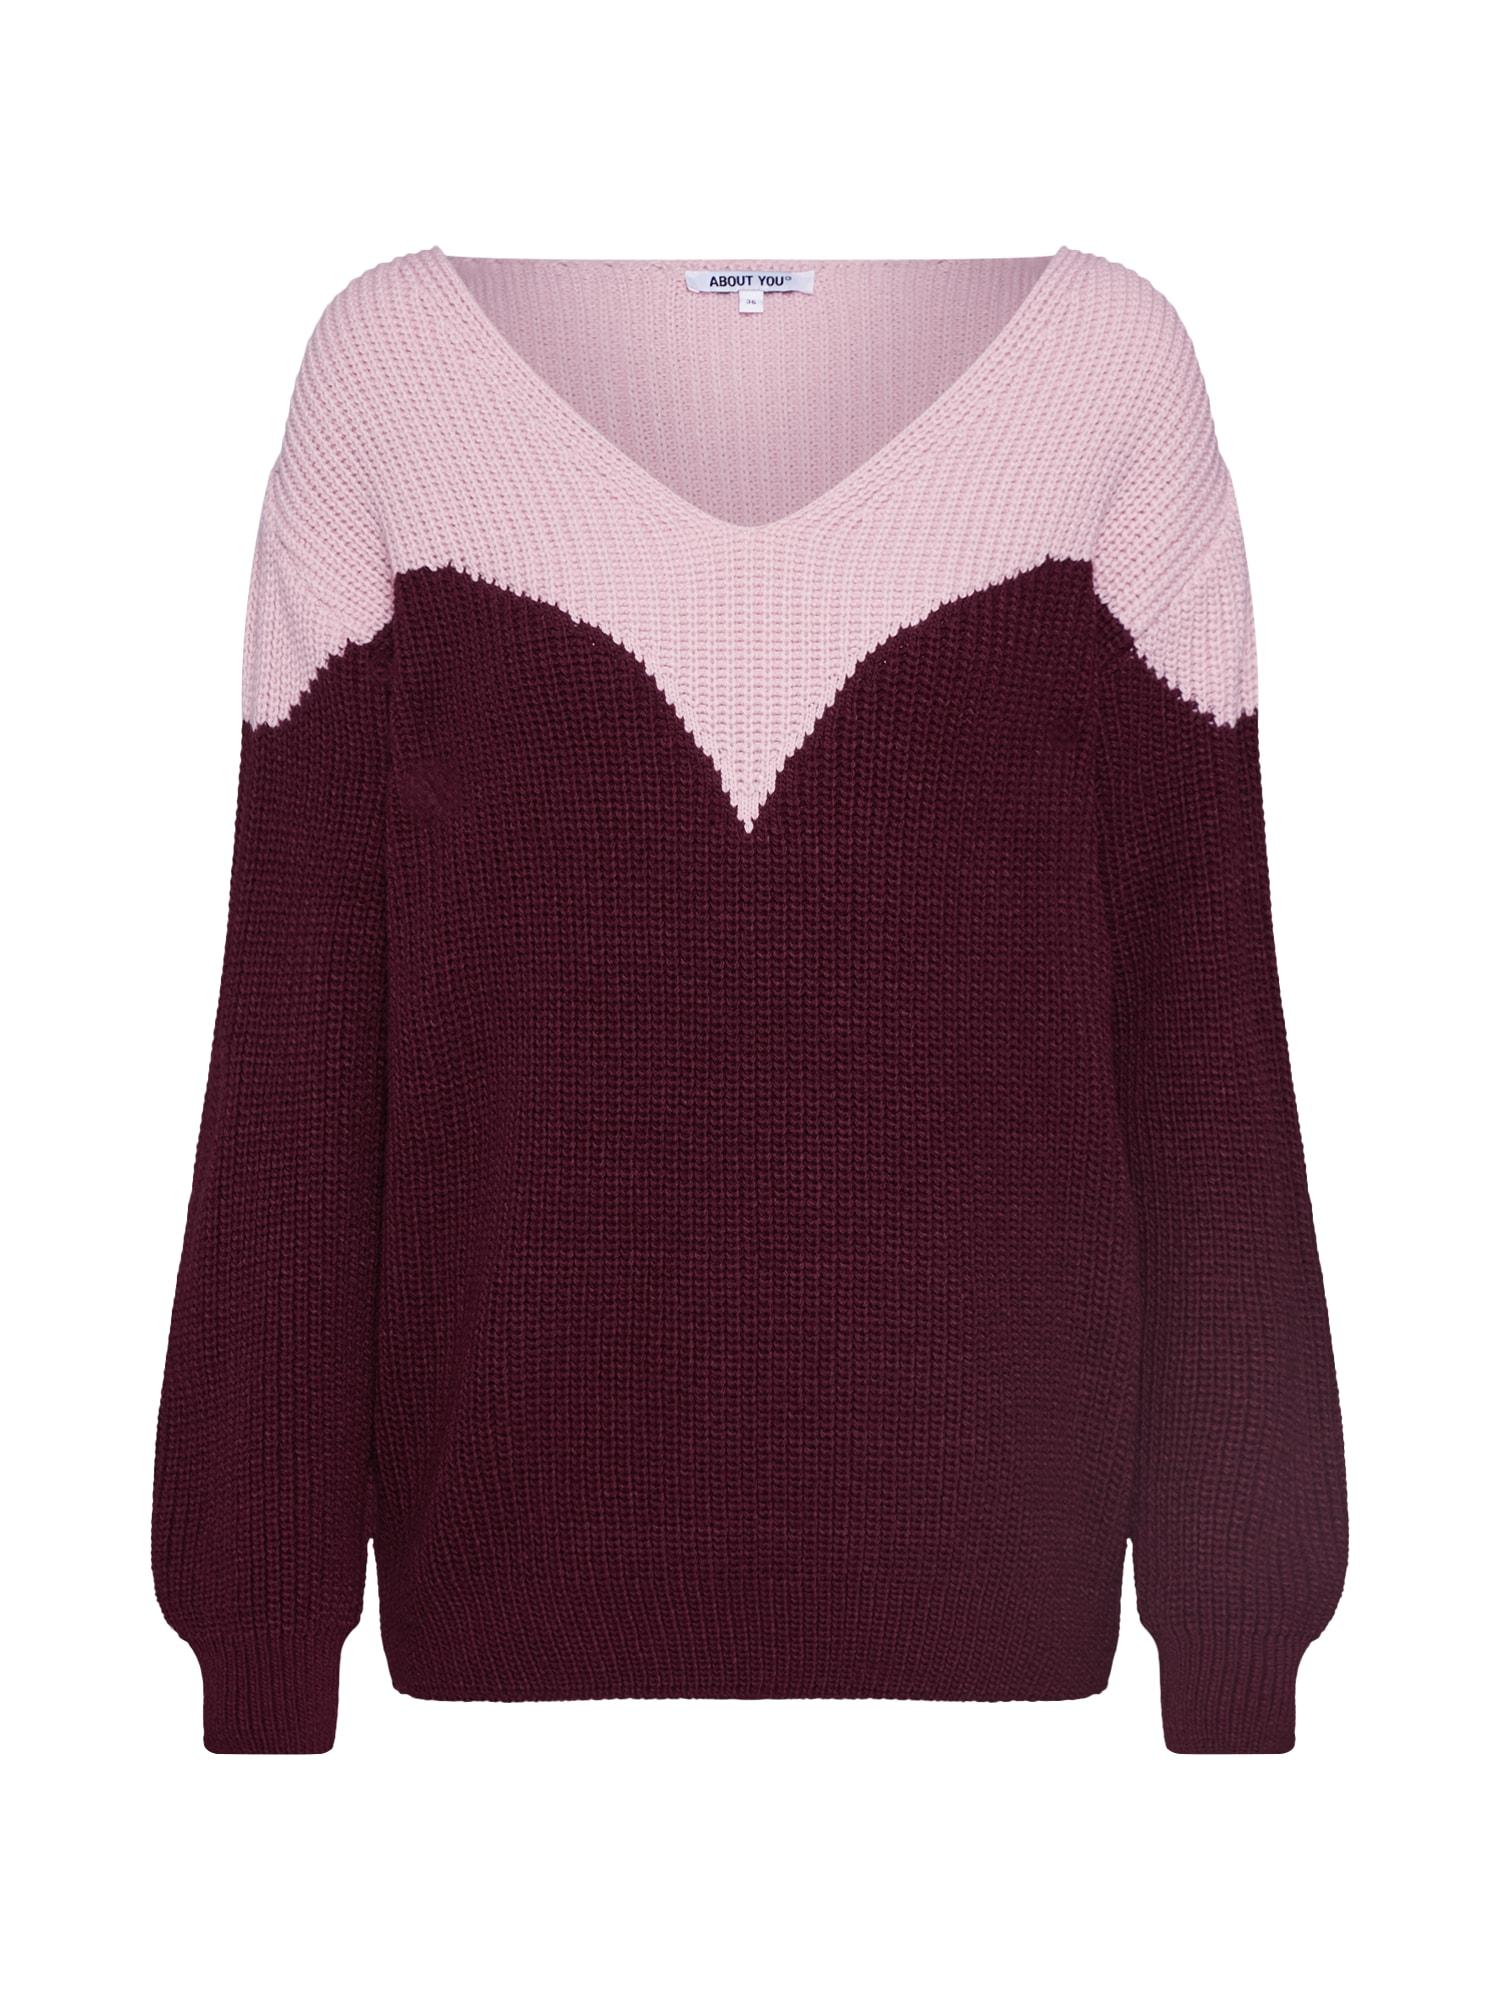 ABOUT YOU Megztinis 'Hanke' rožių spalva / vyšninė spalva